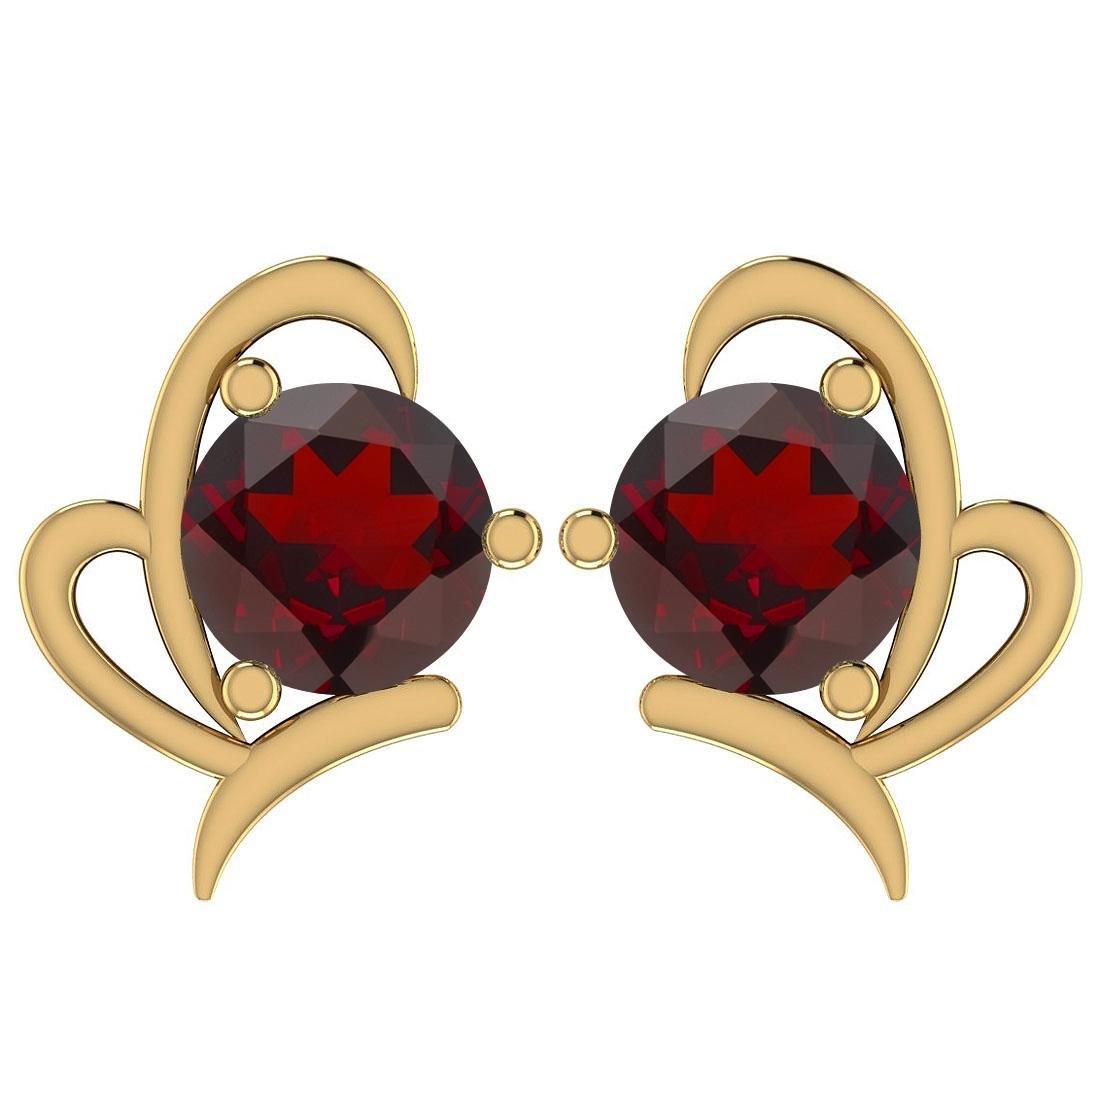 Certified 1.68 Ctw Garnet 14K Yellow Gold Stud Earrings